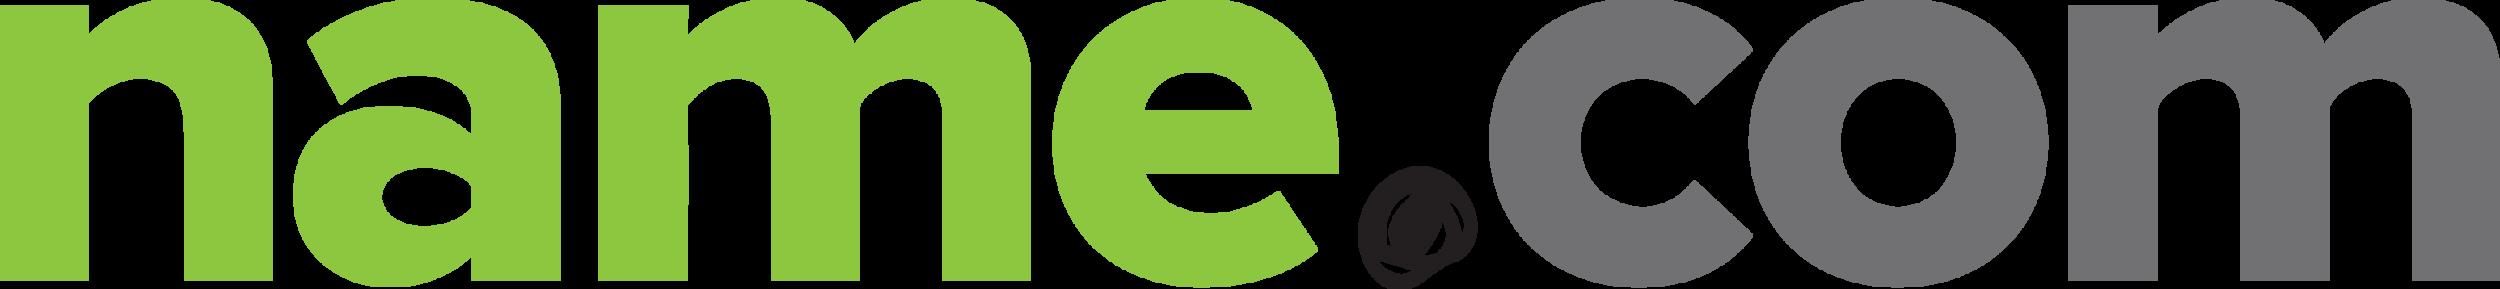 Name.com_logo.png